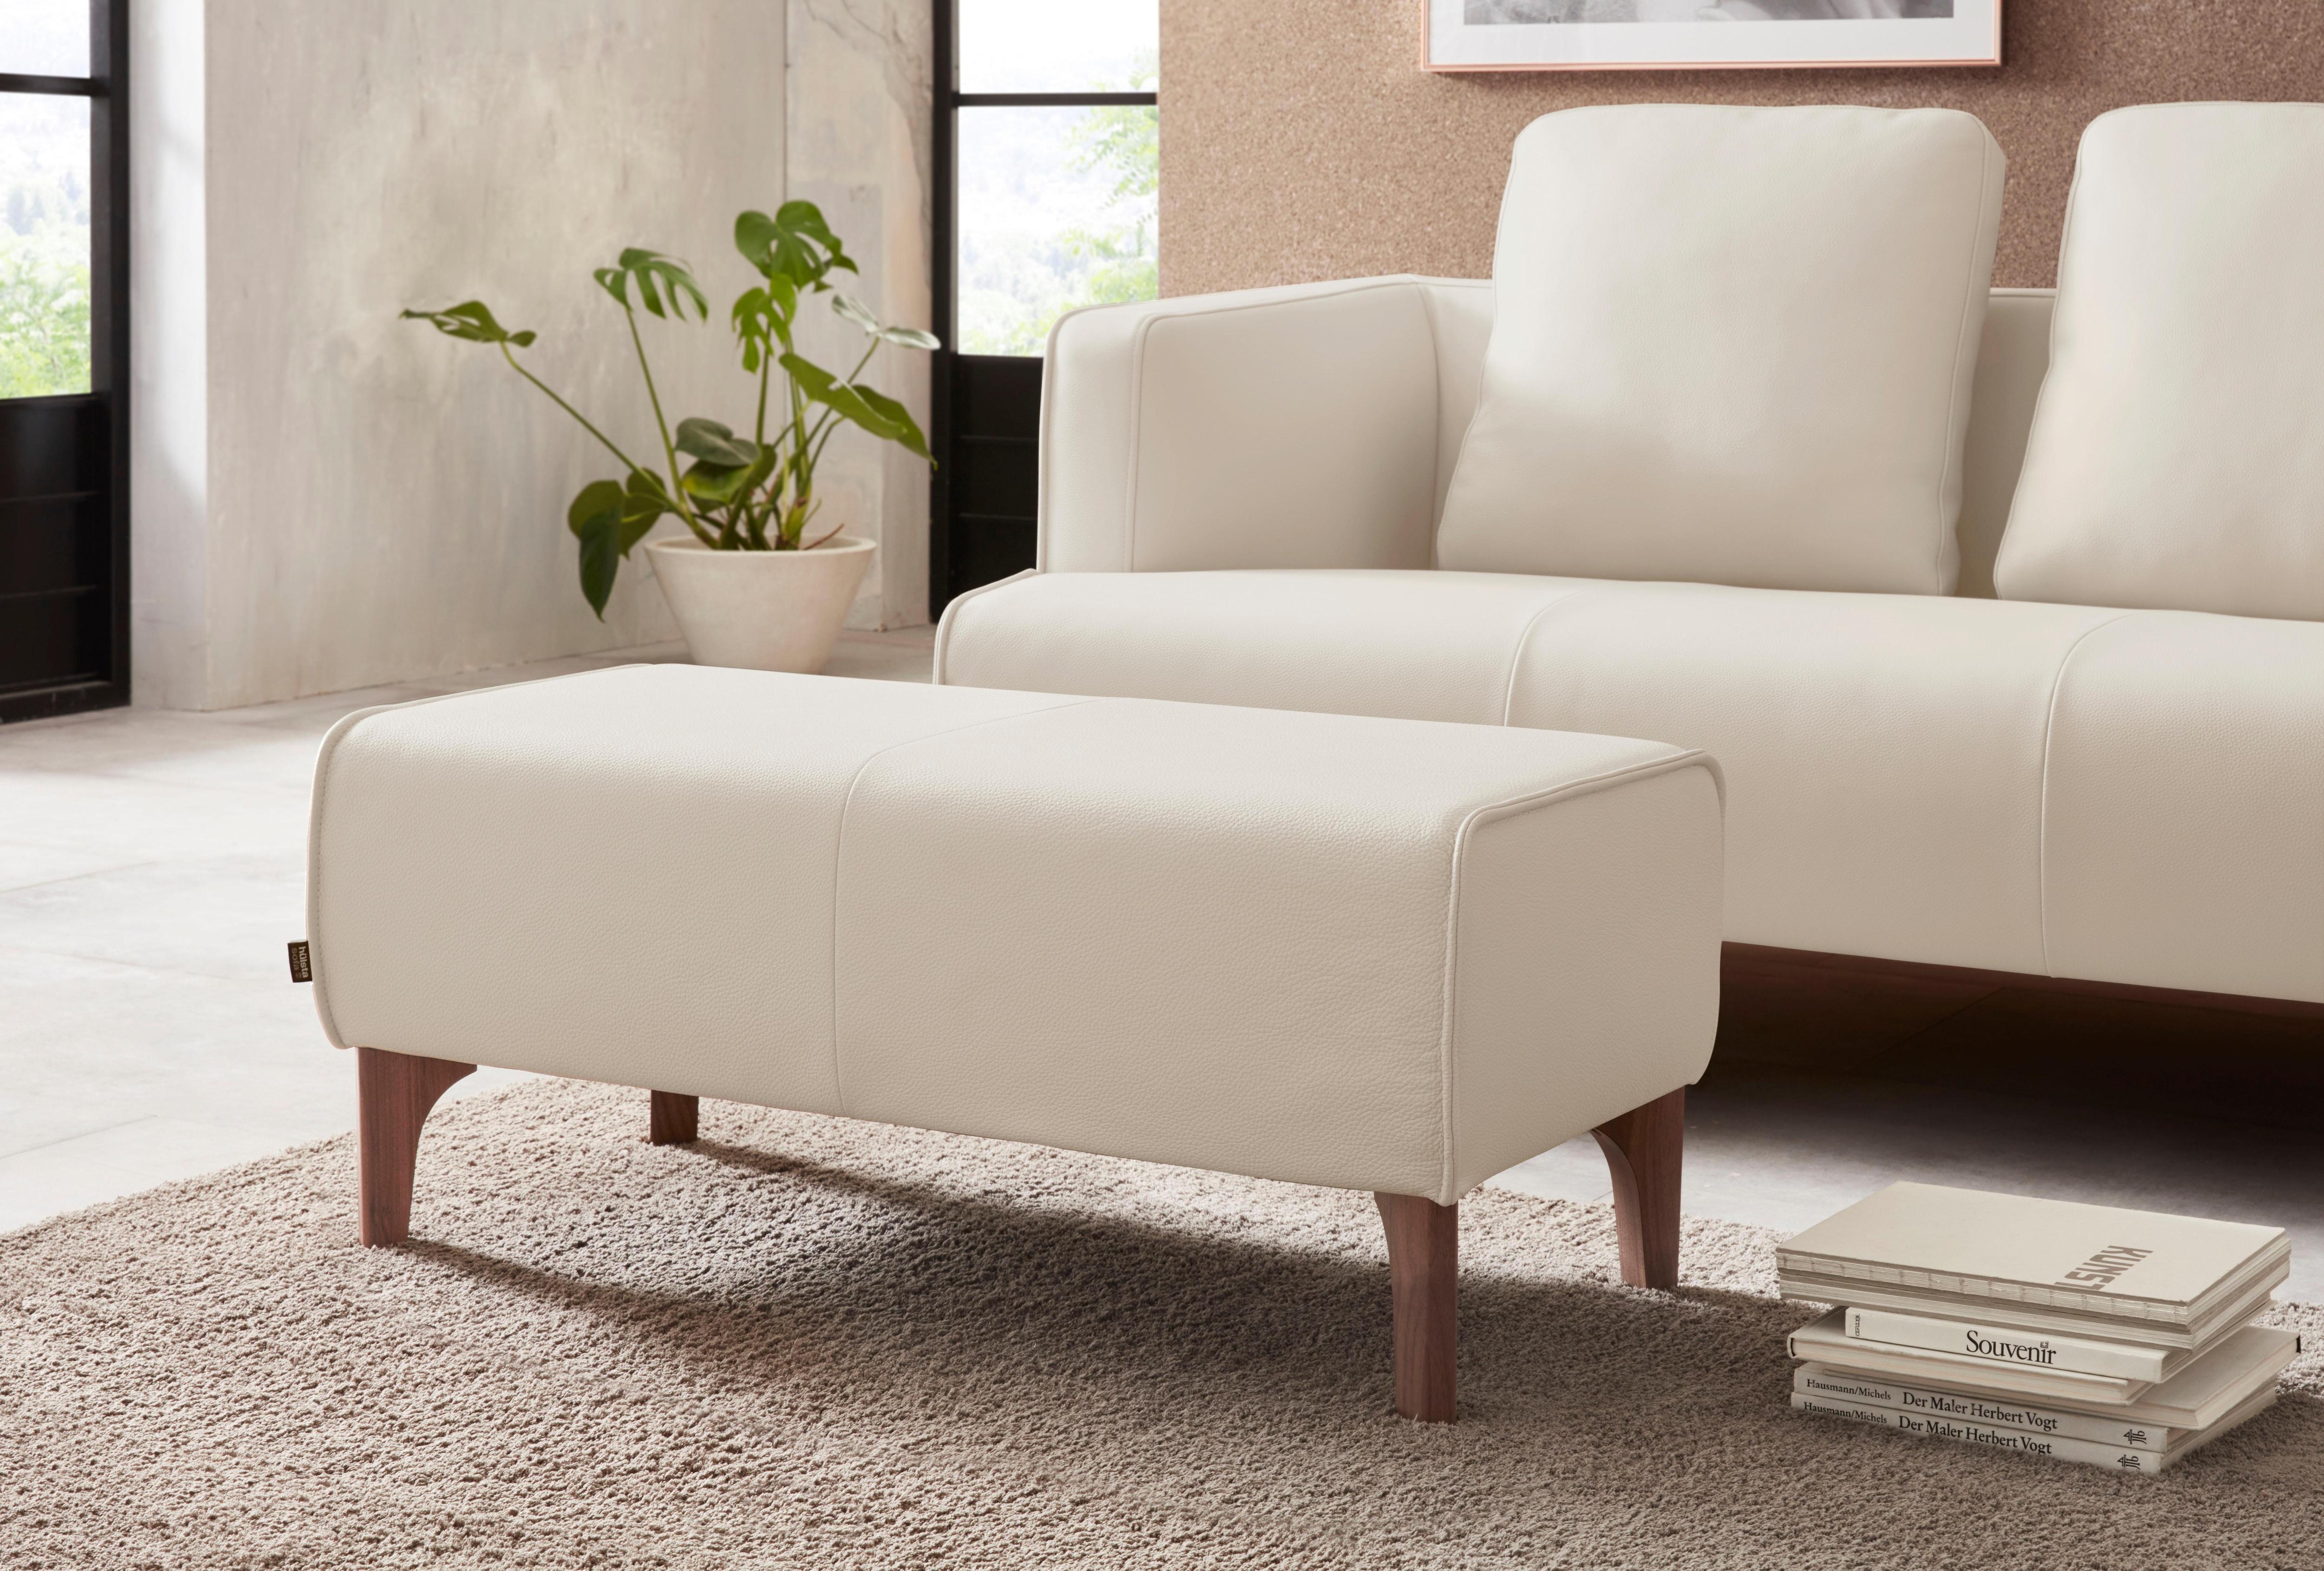 Hulsta Sofa Sitzhocker Online Kaufen Möbel Suchmaschine